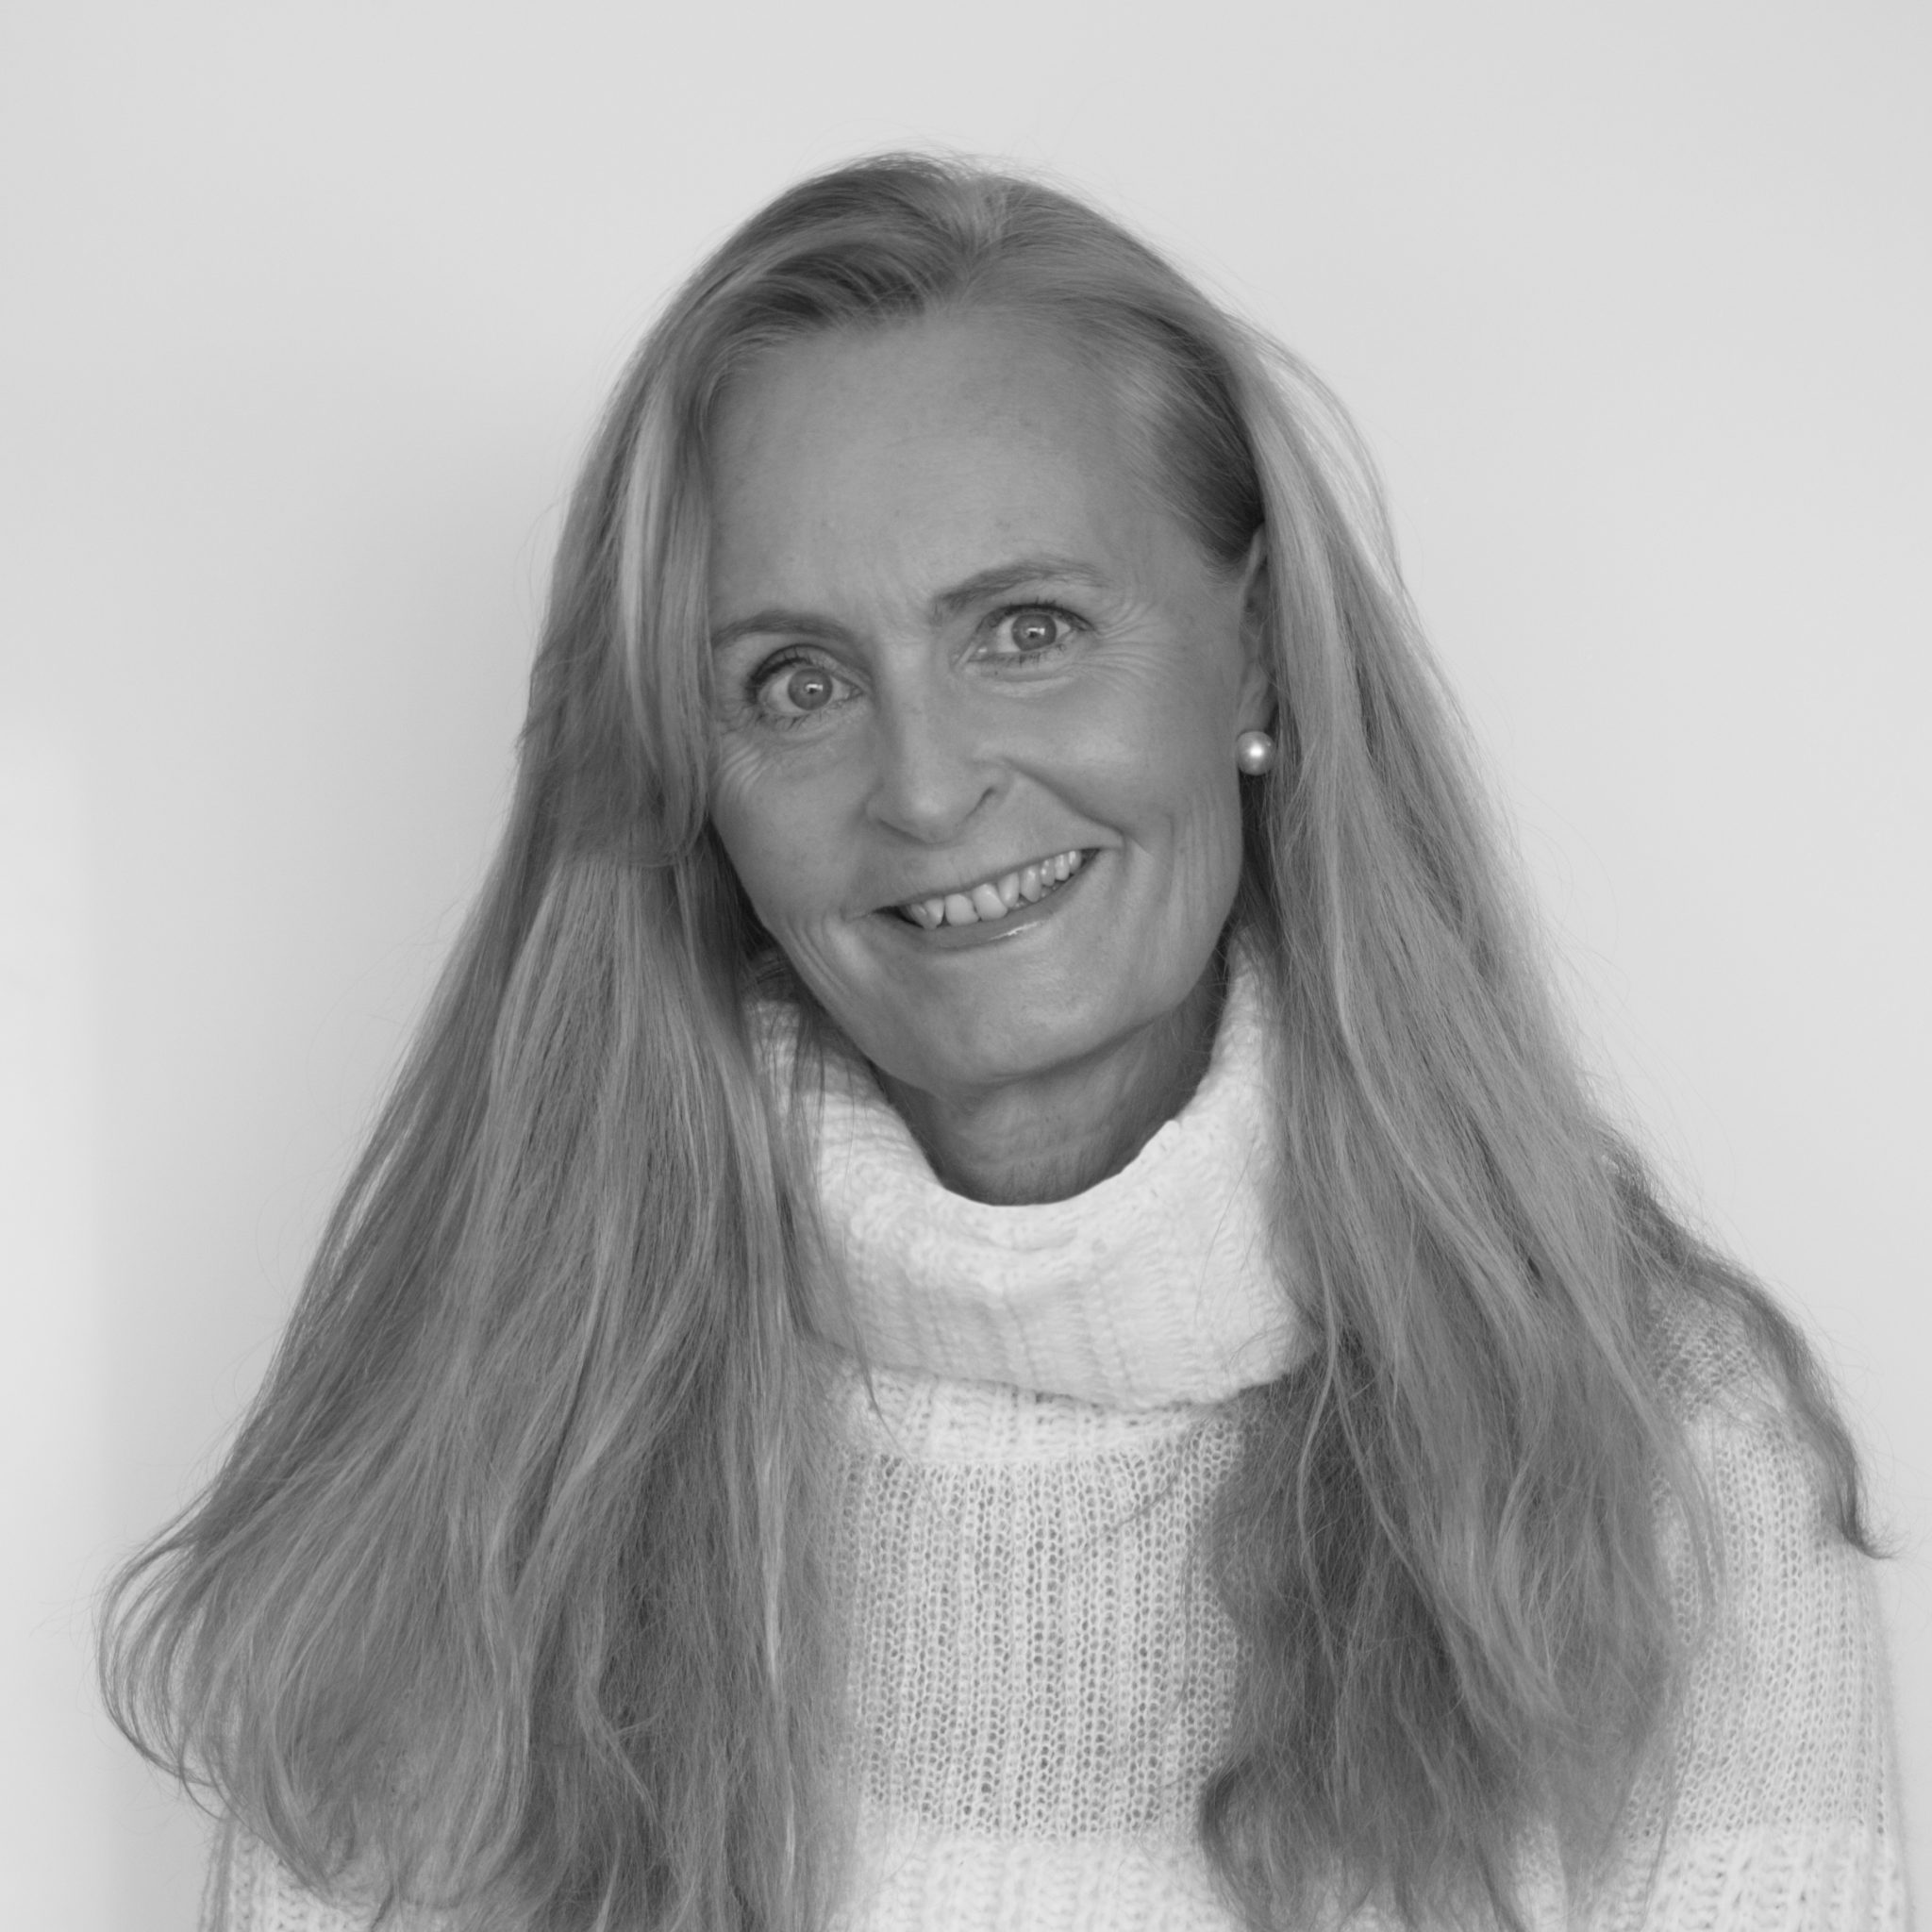 ELLEN CATHRINE photo